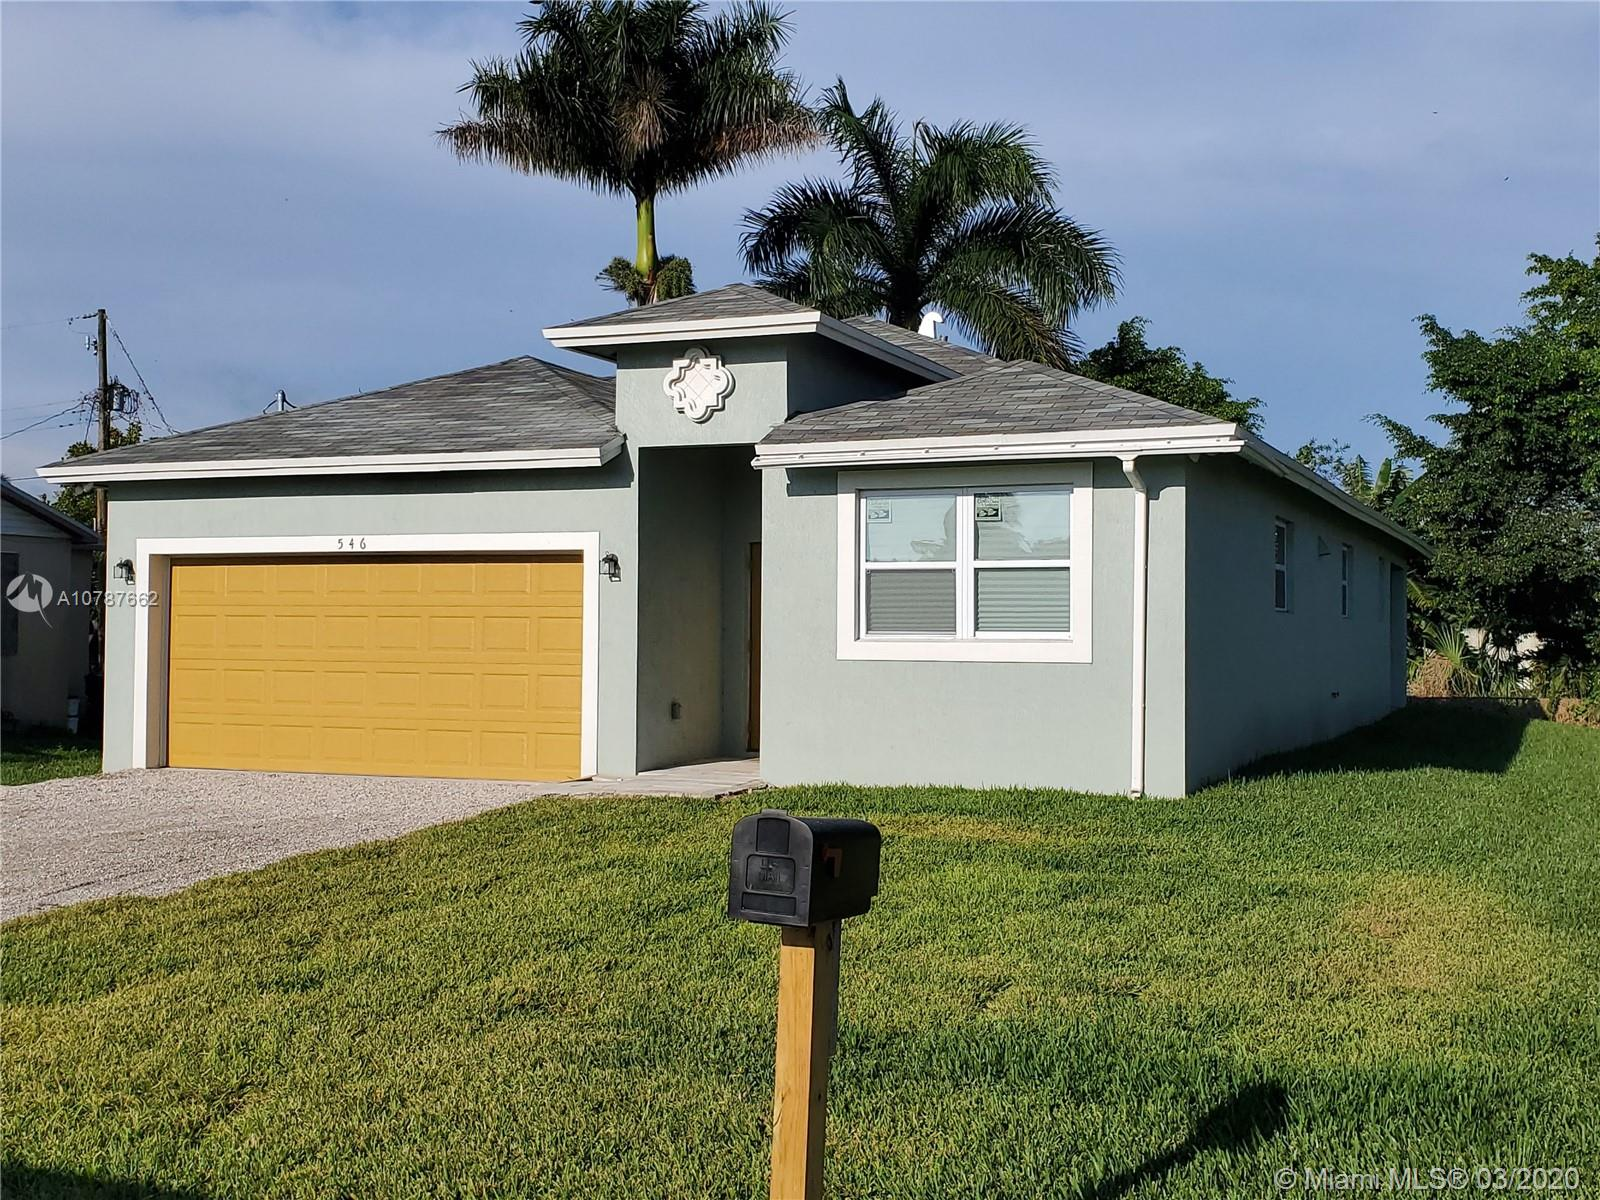 546 SE 6th Drive, Belle Glade, FL 33430 - Belle Glade, FL real estate listing